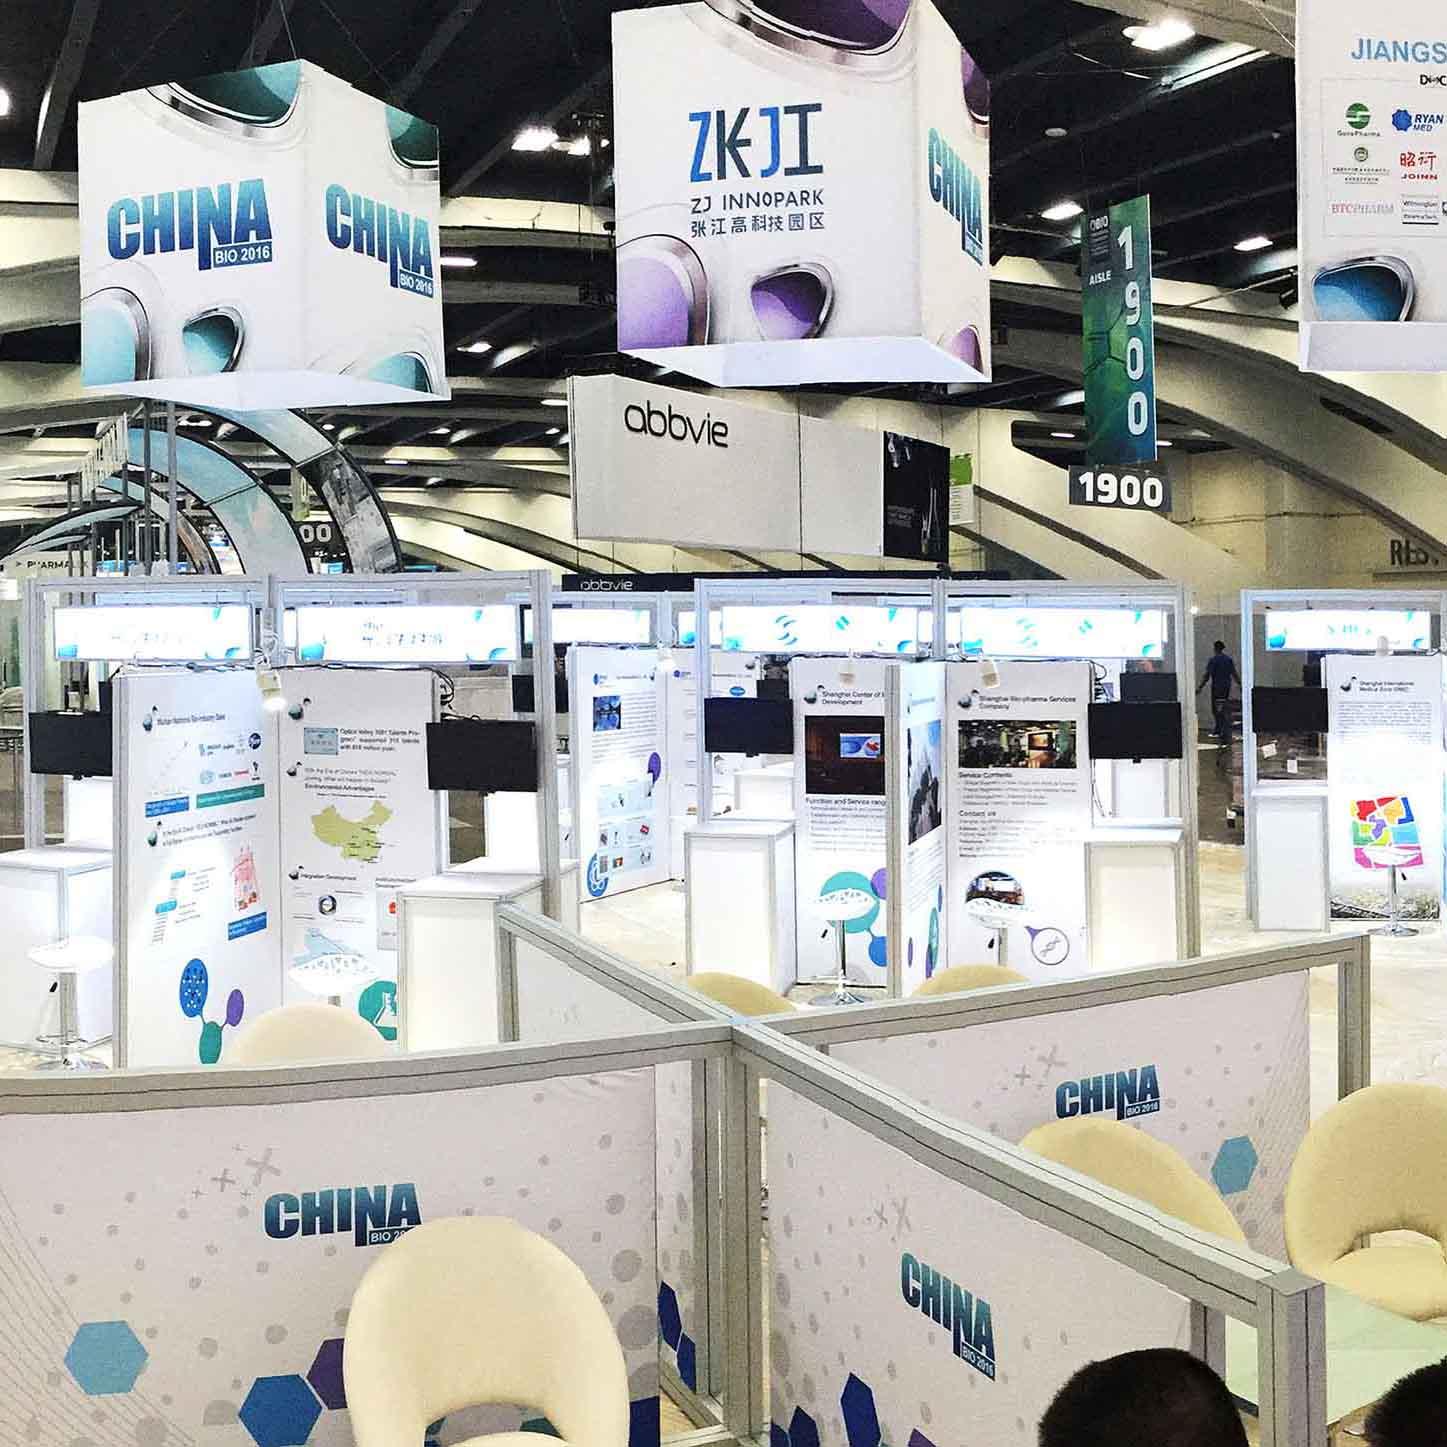 2016美国生物科技大会暨展览会